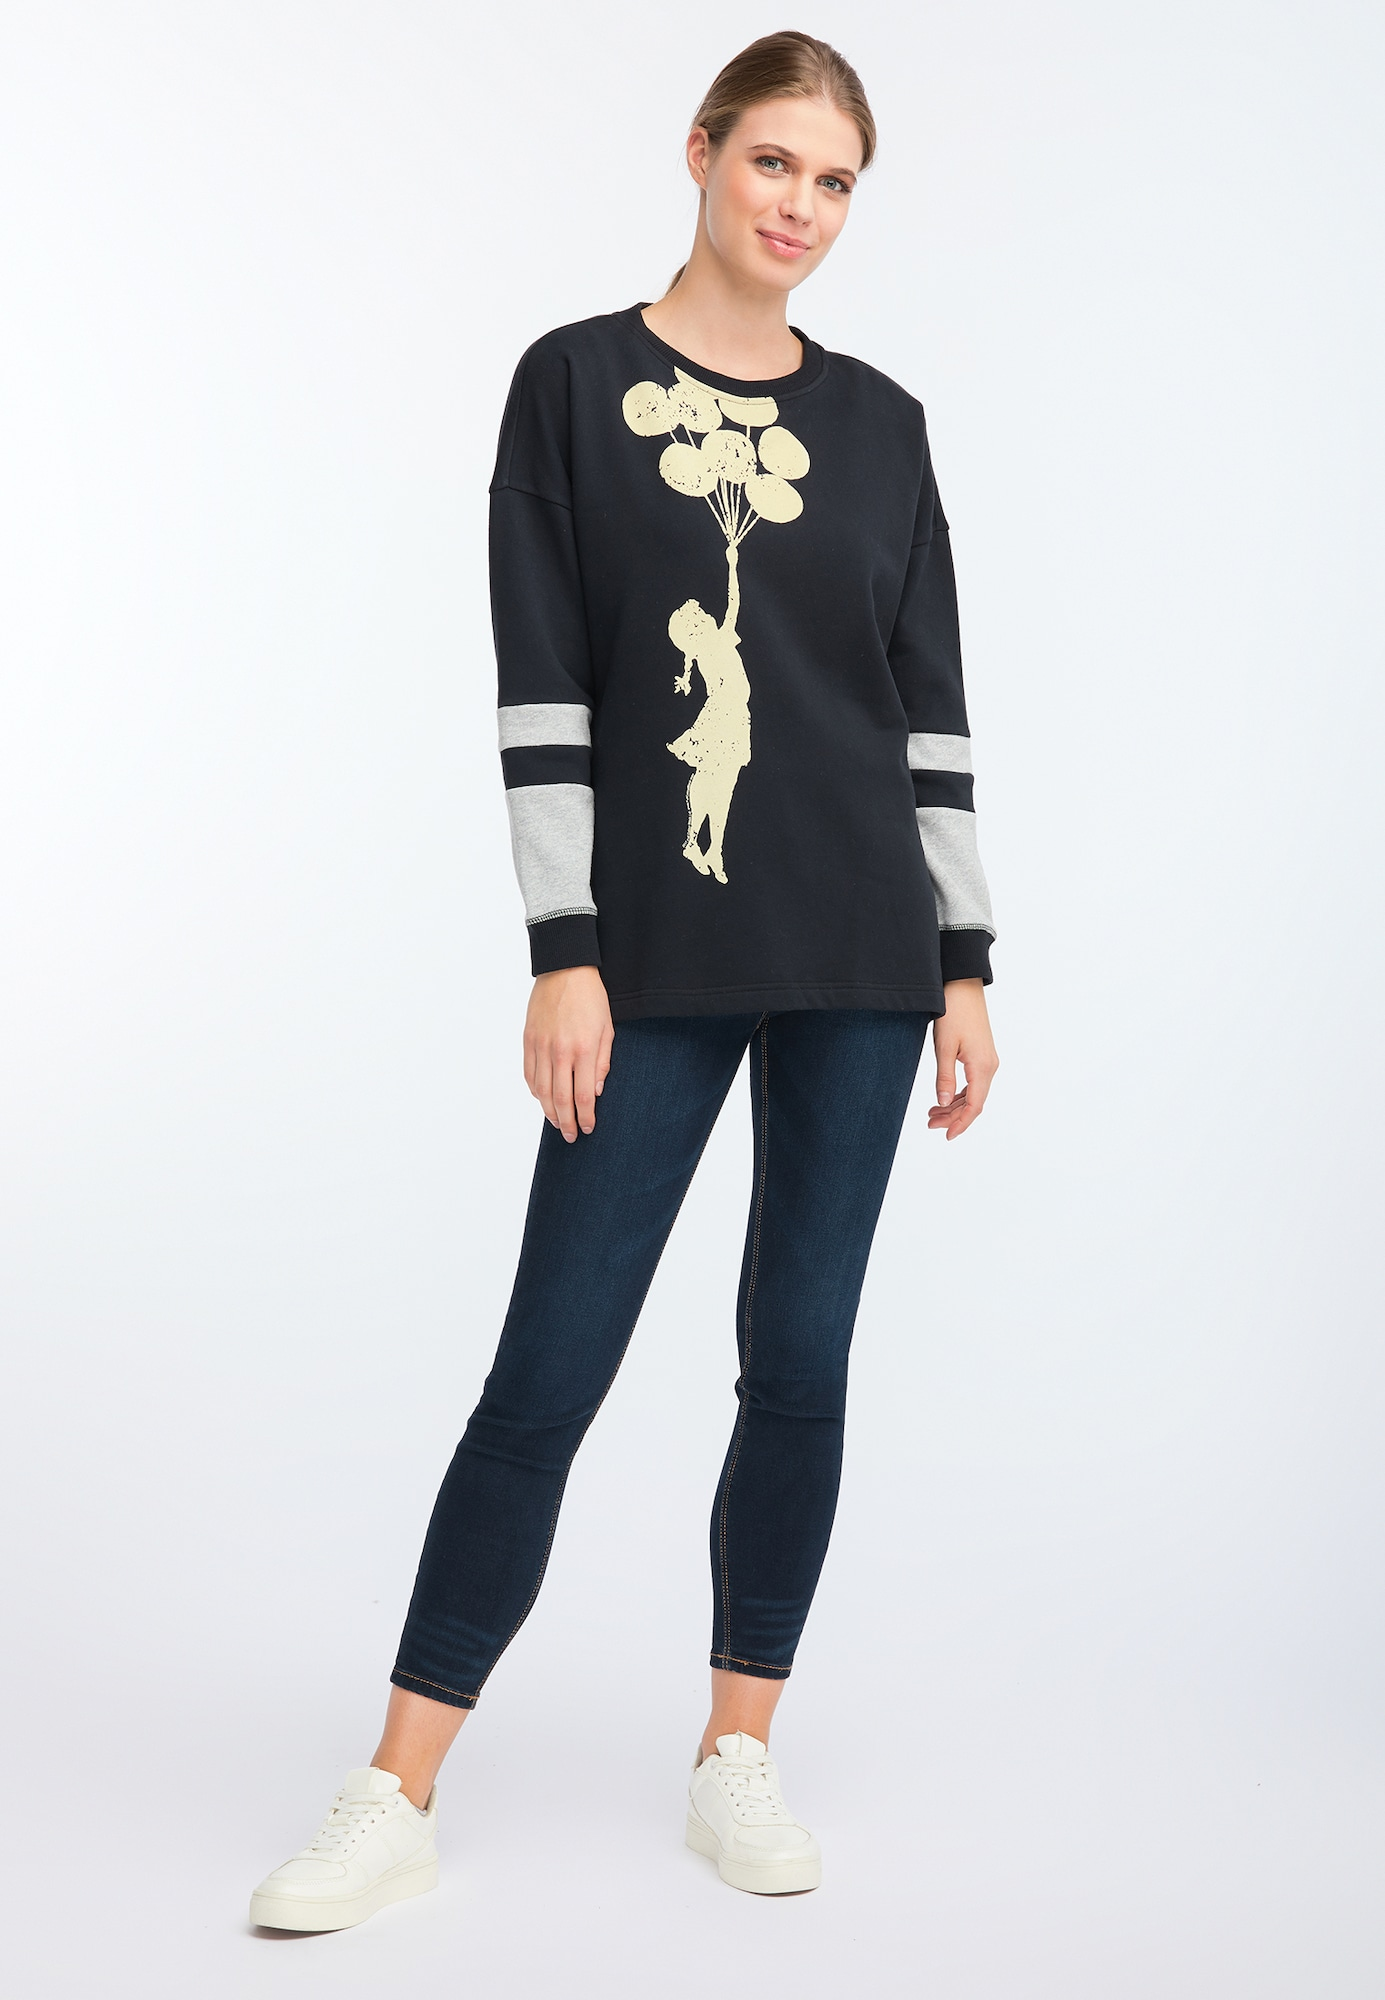 HOMEBASE, Damen Sweatshirt, beige / grijs / zwart